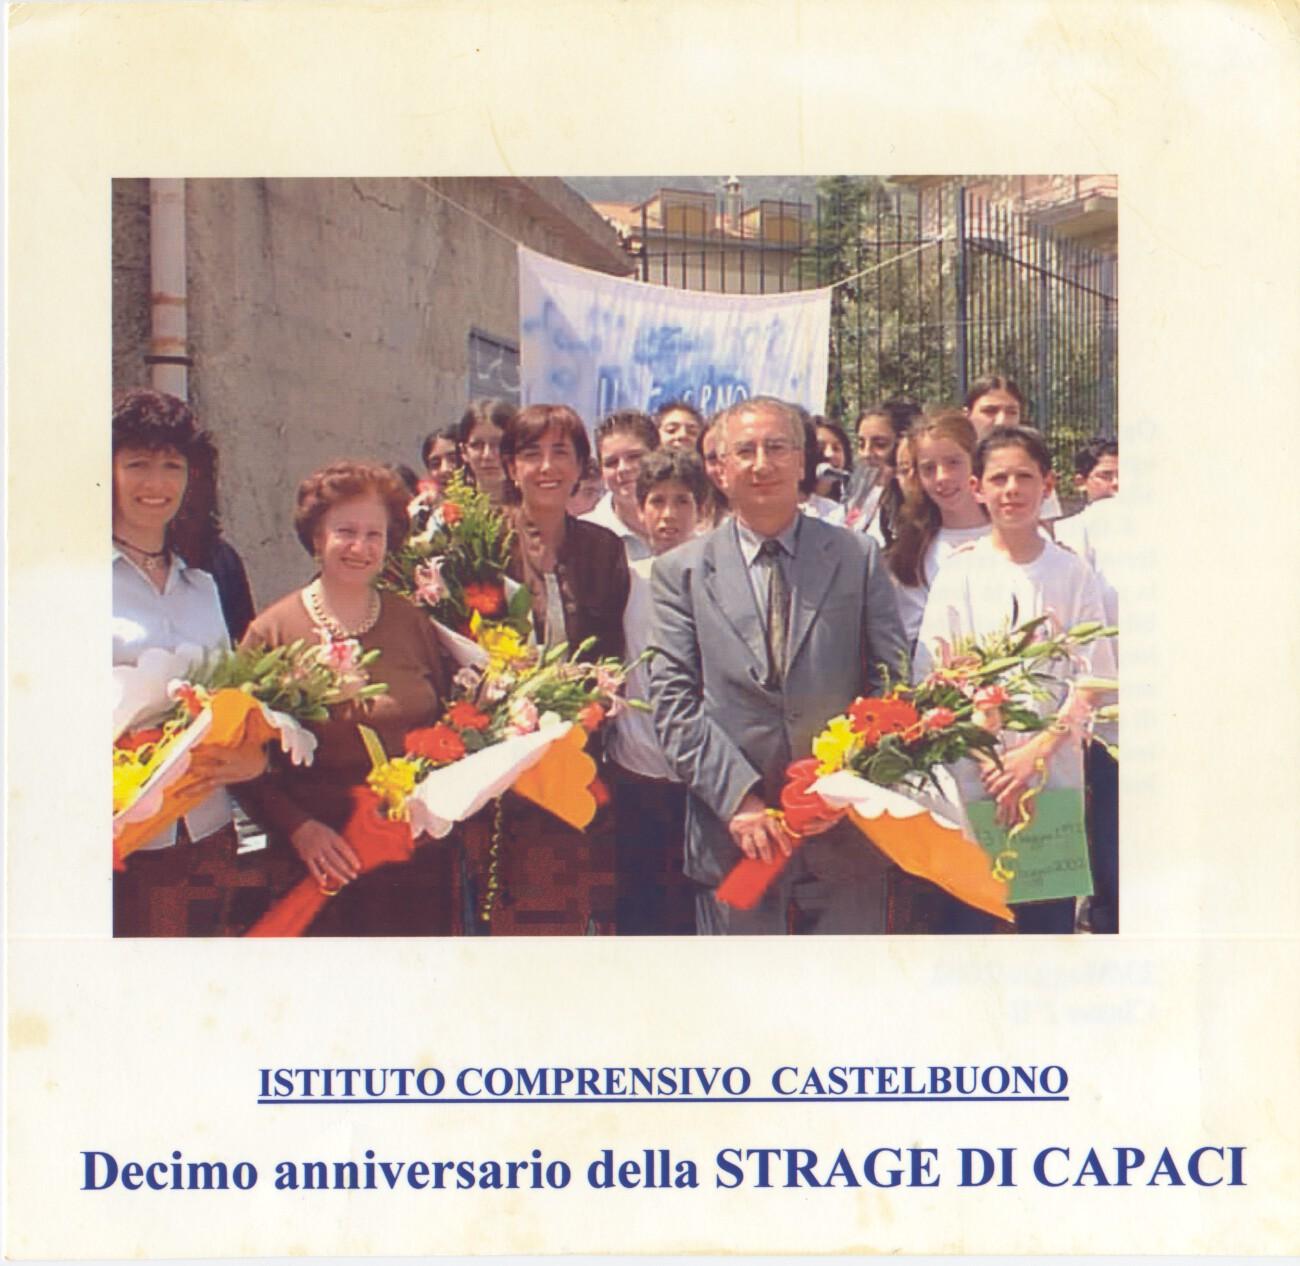 Decimo anniversario della strage di Capaci alla scuola Media